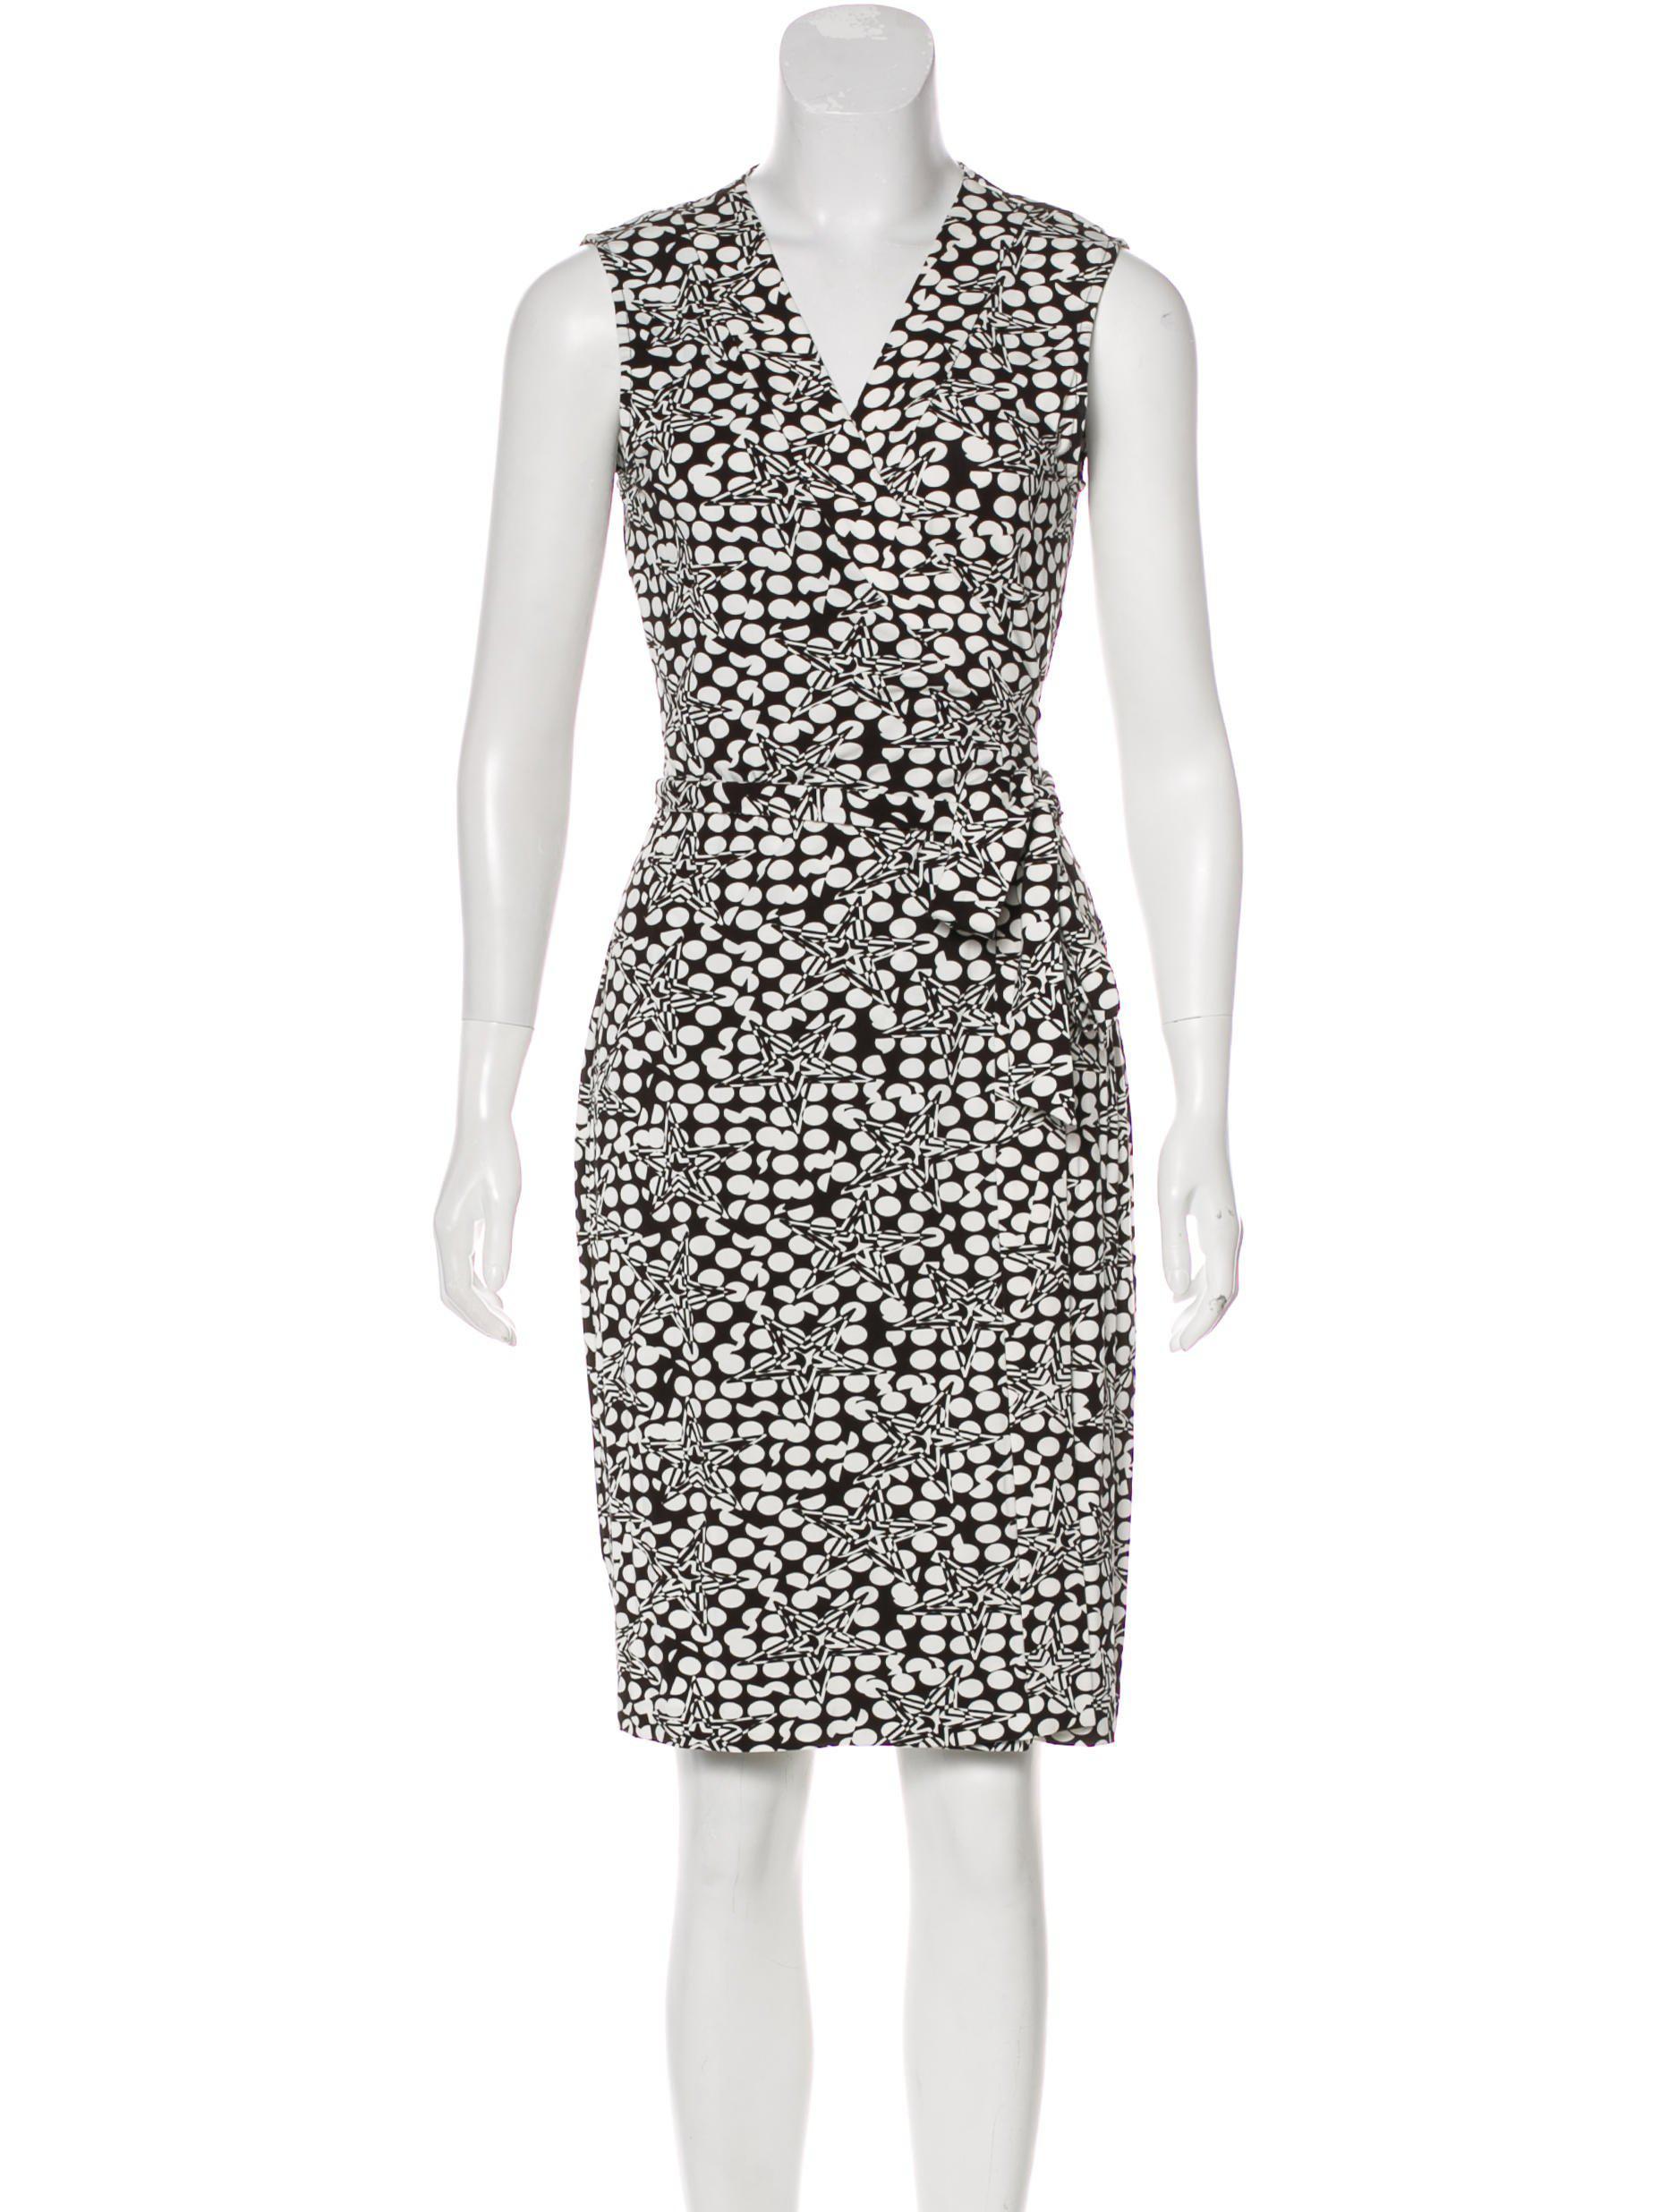 235d0166f8a7 Lyst - Diane Von Furstenberg New Yahzi Wrap Dress in Black